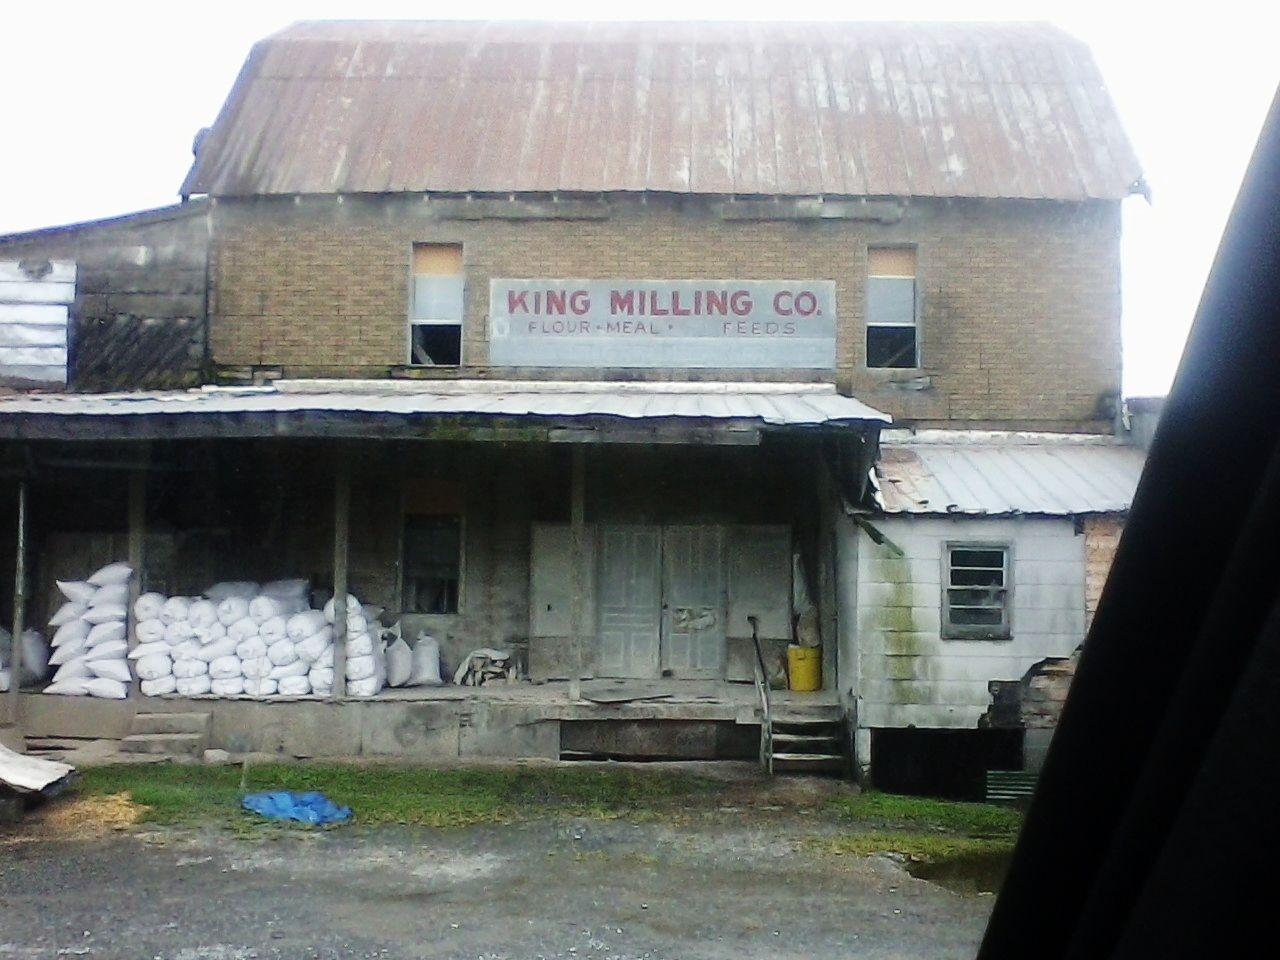 King Milling Company King Nc Kings Mills North Carolina Homes Vacation Memories